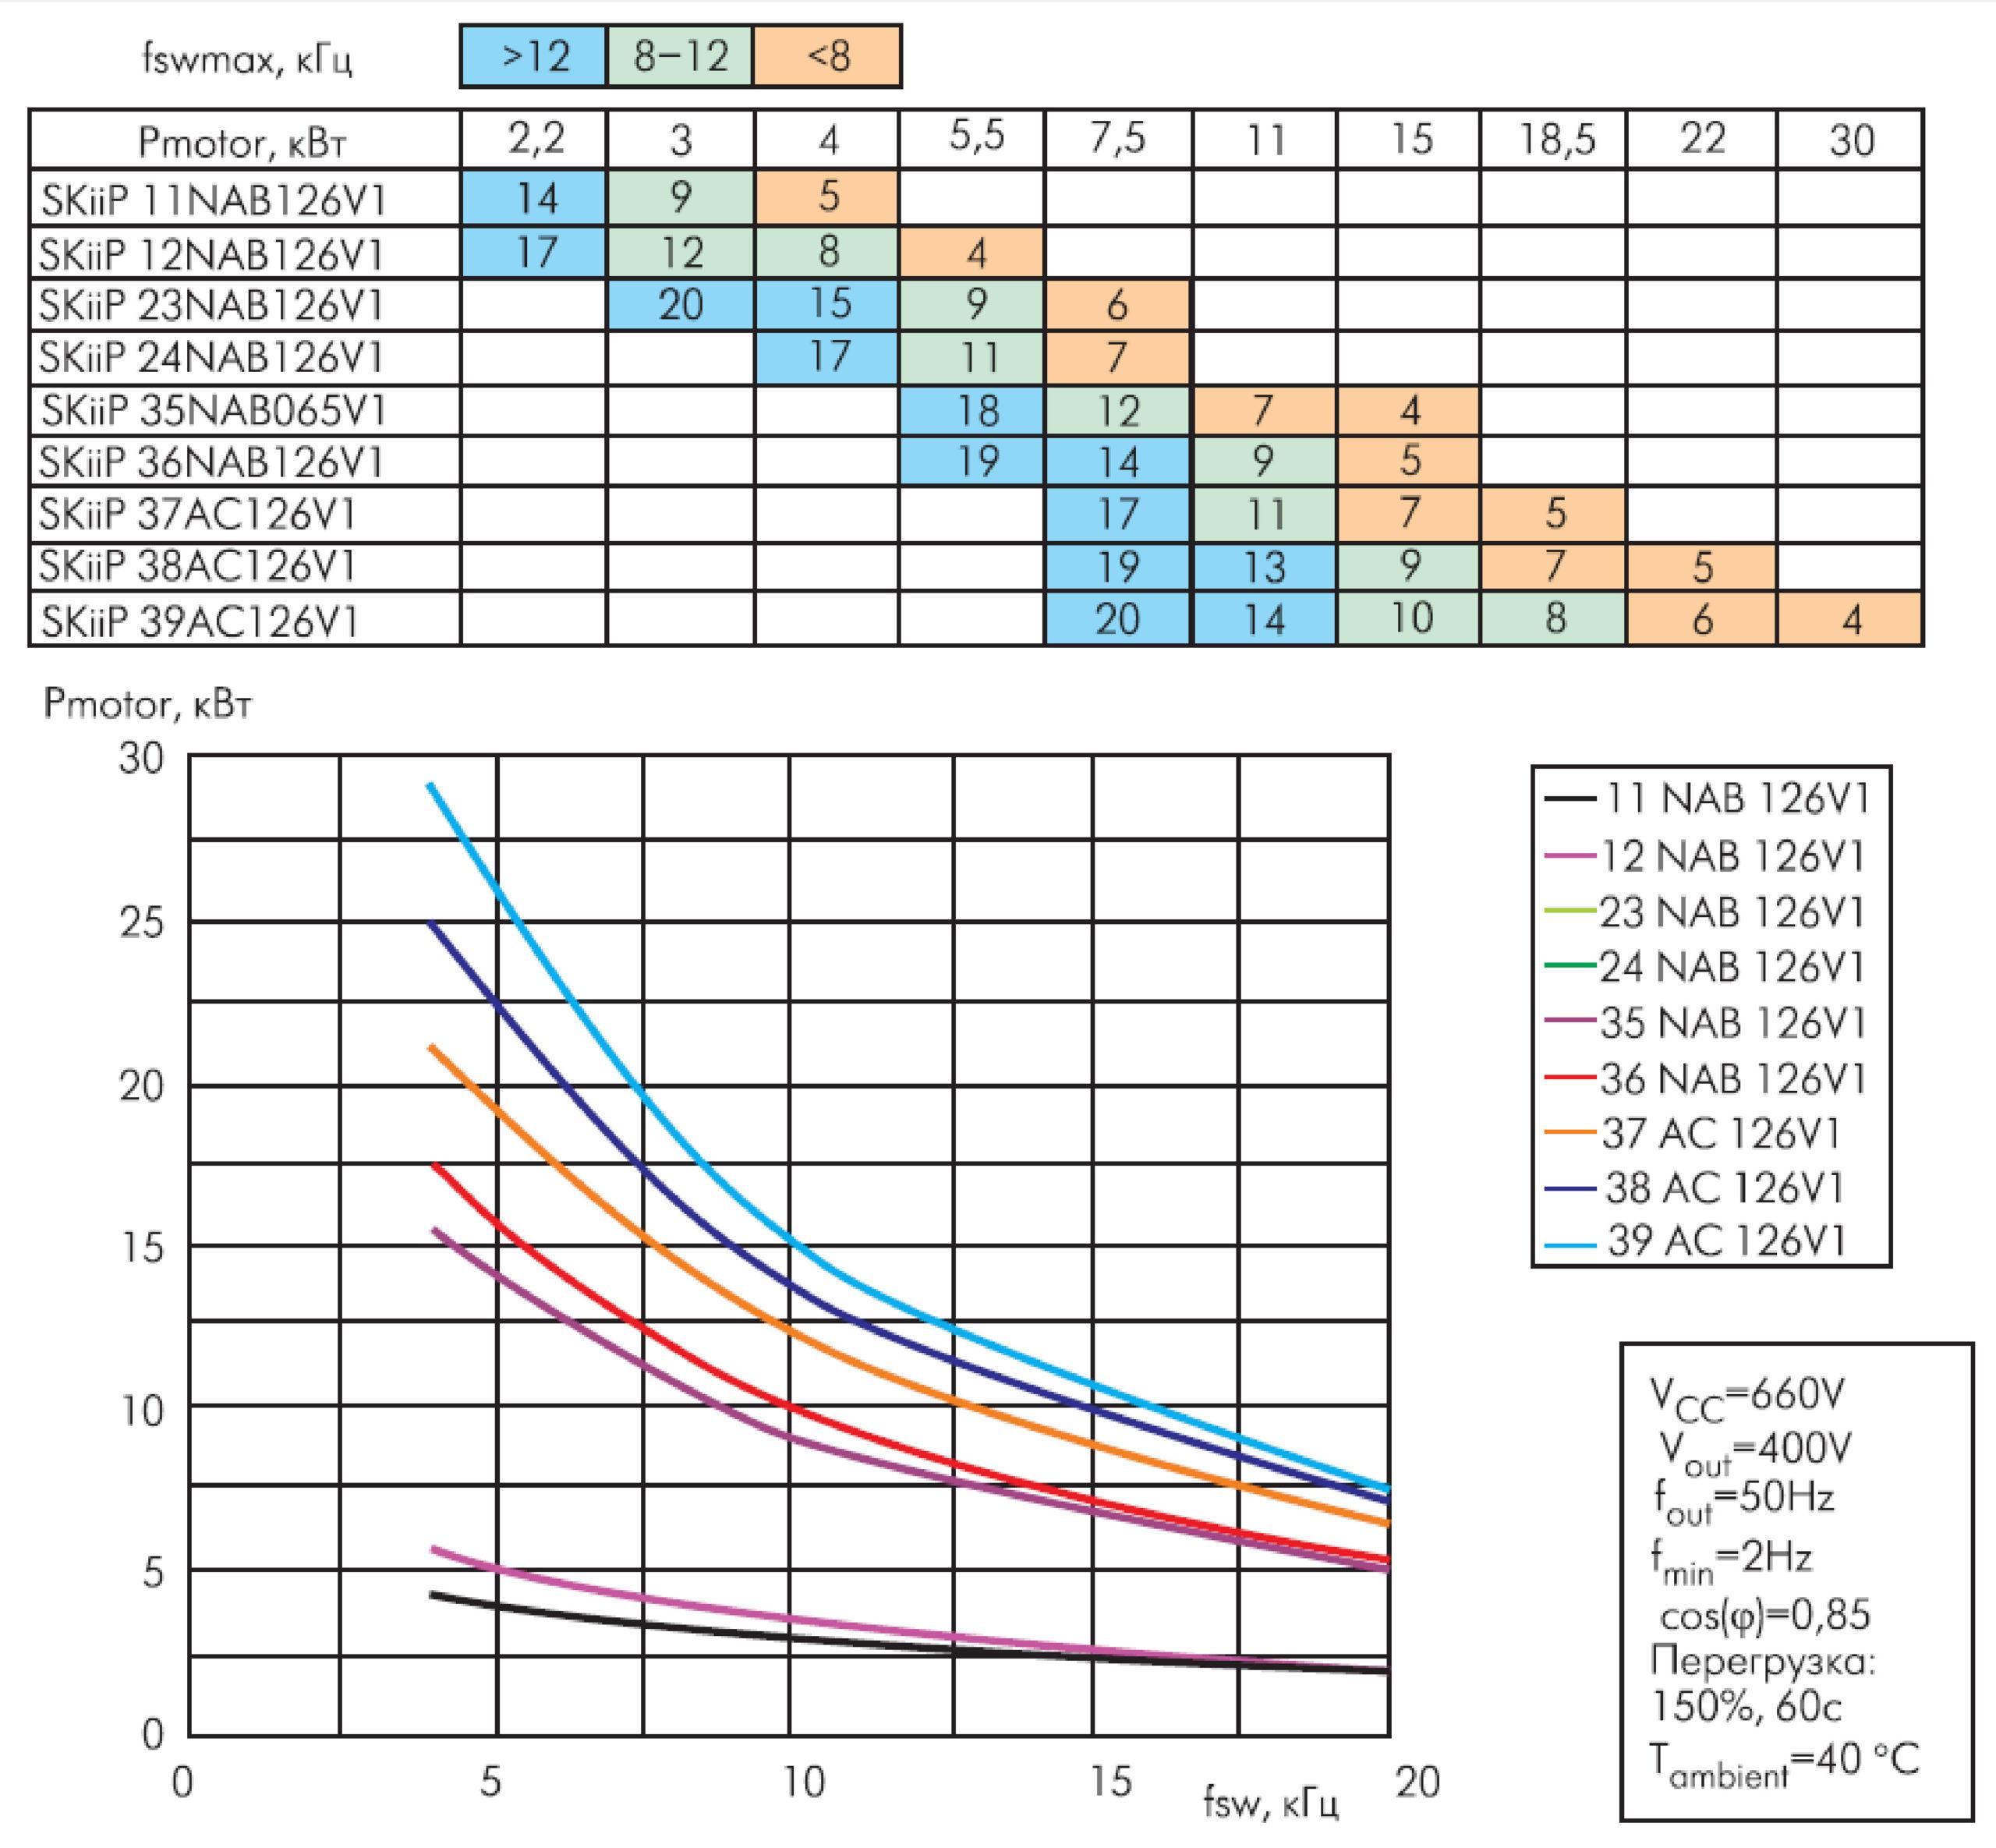 Рекомендованные типы модулей MiniSKiip на 1200 В для различных мощностей нагрузки, зависимость мощности нагрузки от рабочей частоты